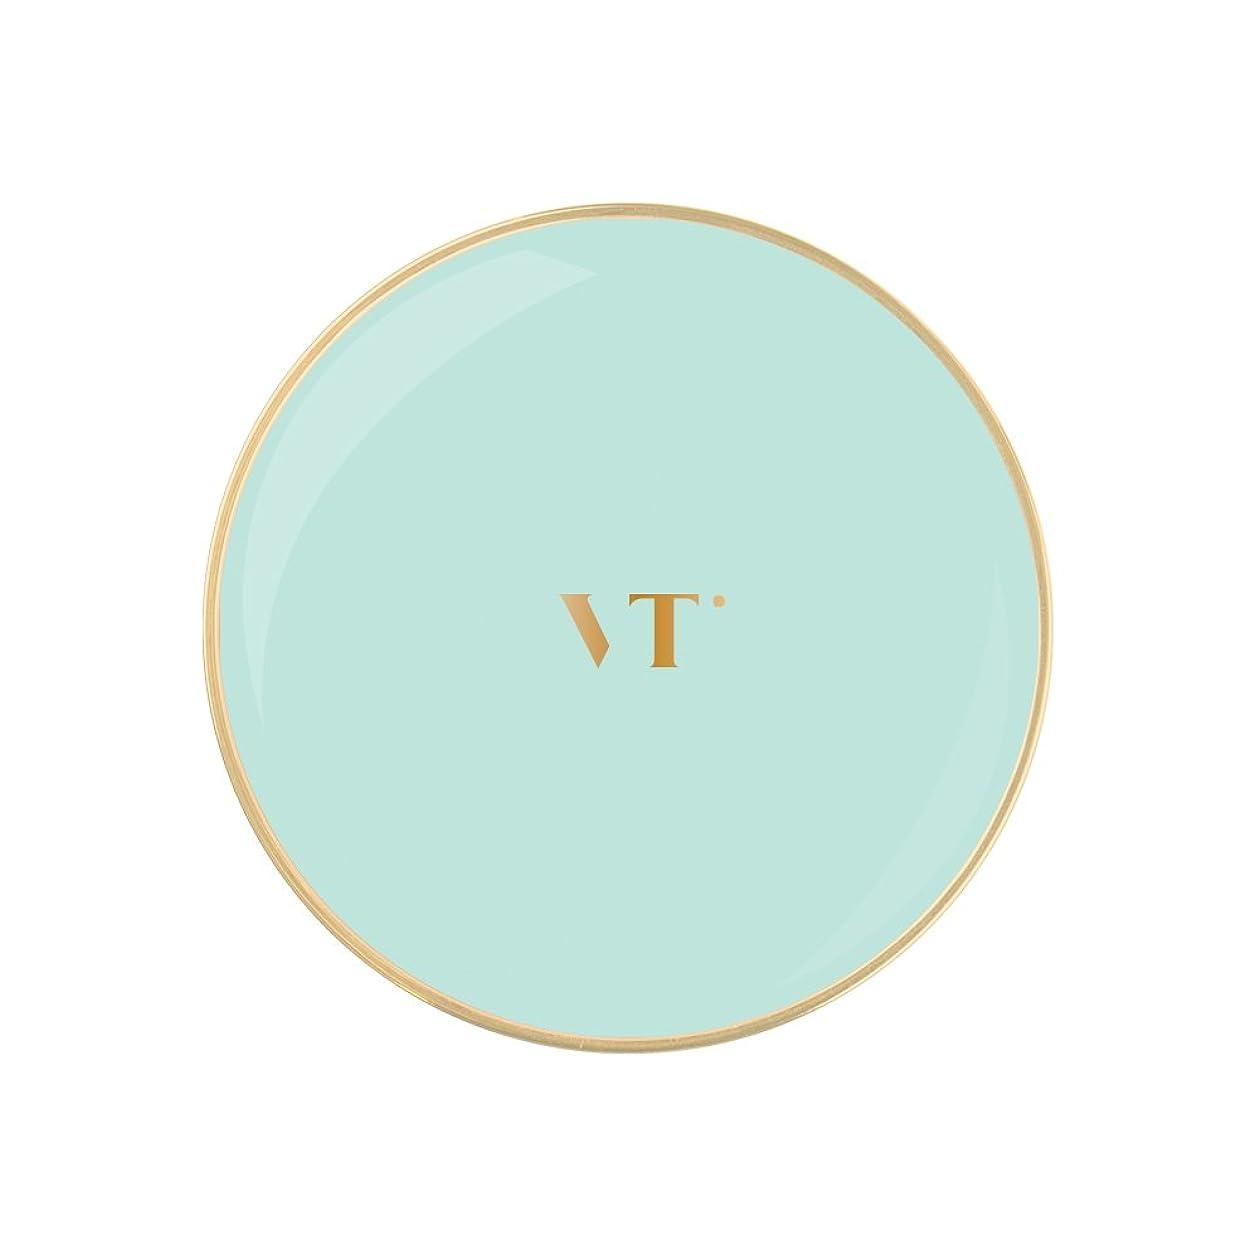 説明的毎年大学VT Blue Collagen Pact 11g/ブイティー ブルー コラーゲン パクト 11g (#21) [並行輸入品]